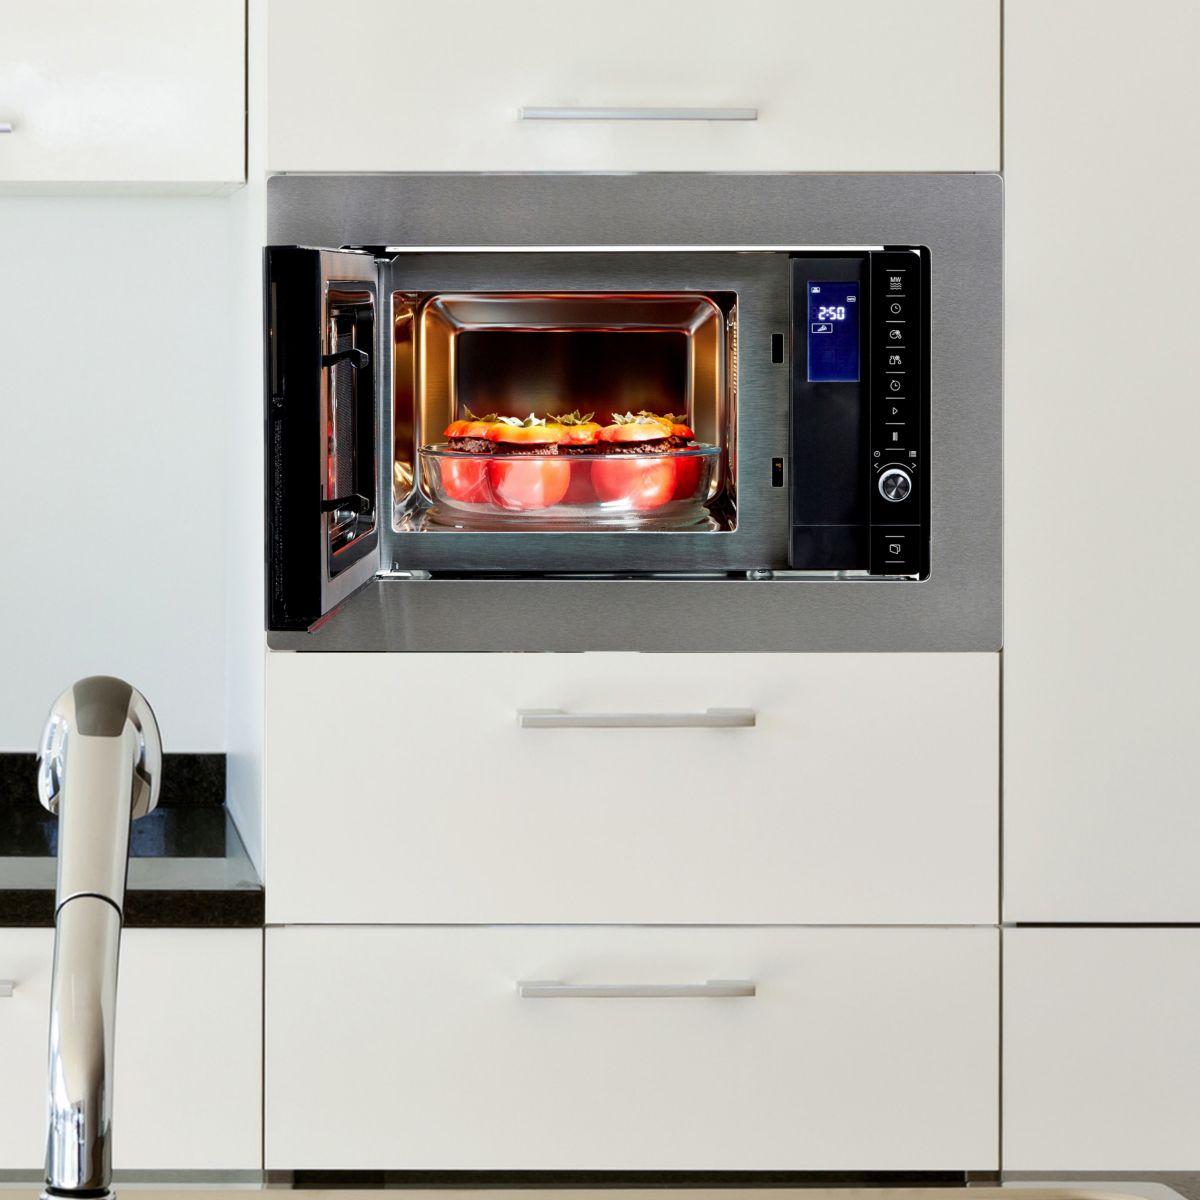 lectrom nager micro onde encastrable beko mob20231bg. Black Bedroom Furniture Sets. Home Design Ideas